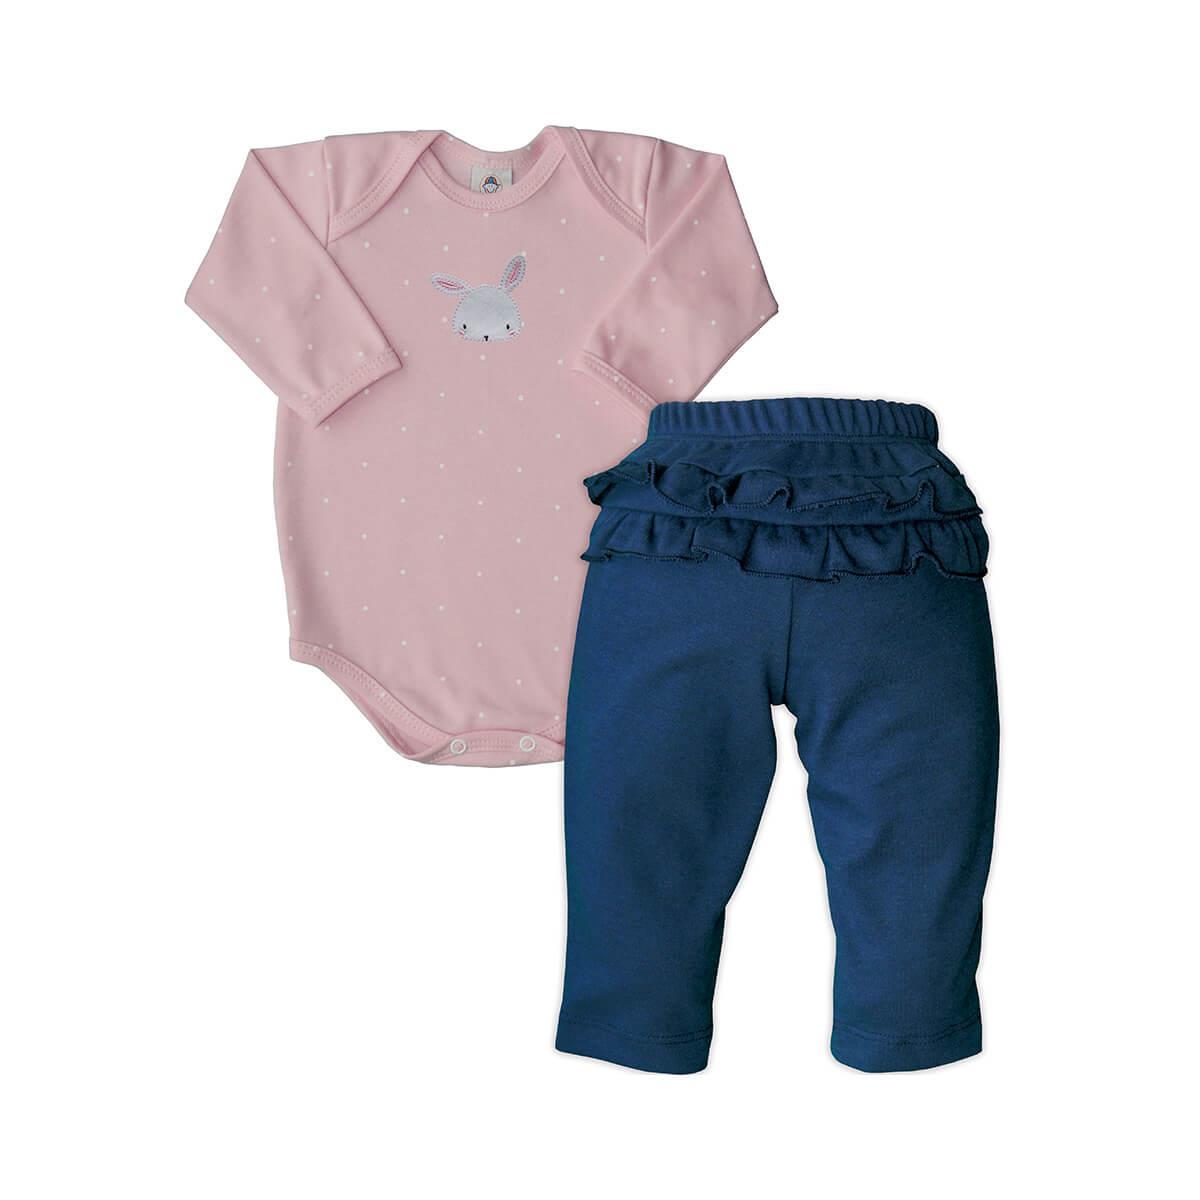 Conjunto Bebê Longo Feminino Coelhinho  - Piu Blu